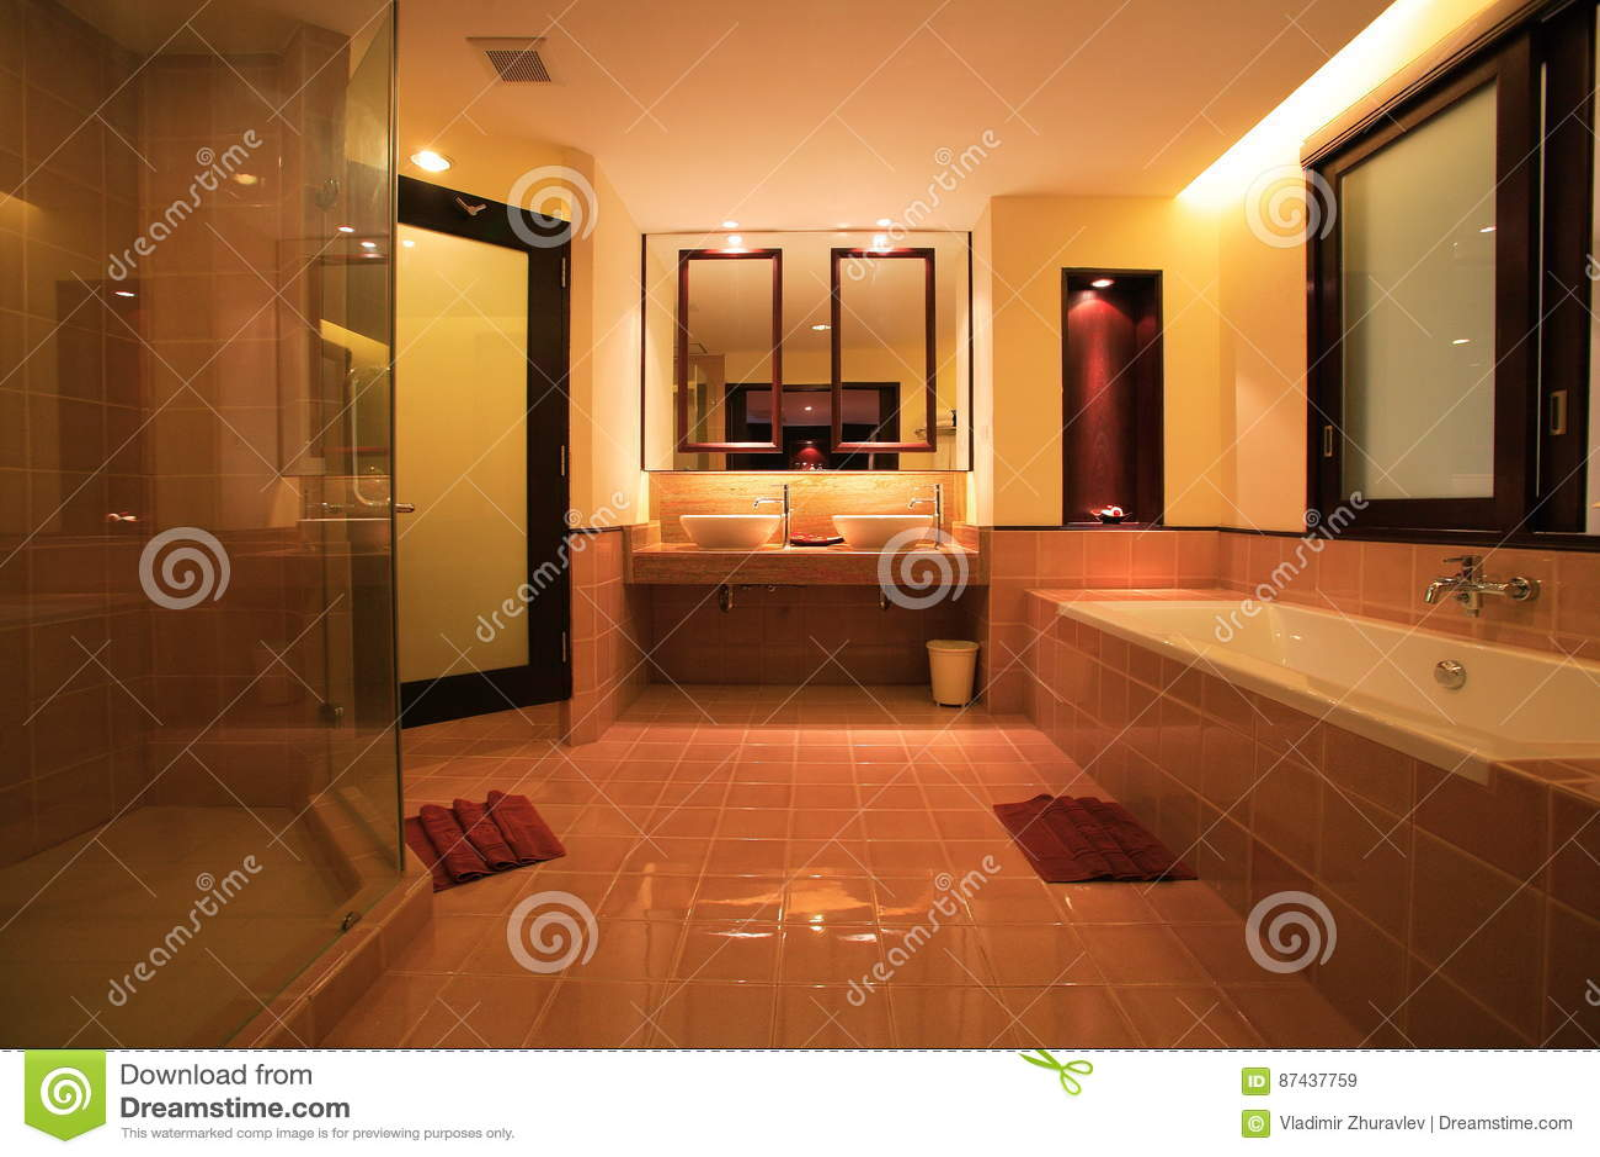 Wc En Badkamers : Complete kleine badkamer kleine badkamers